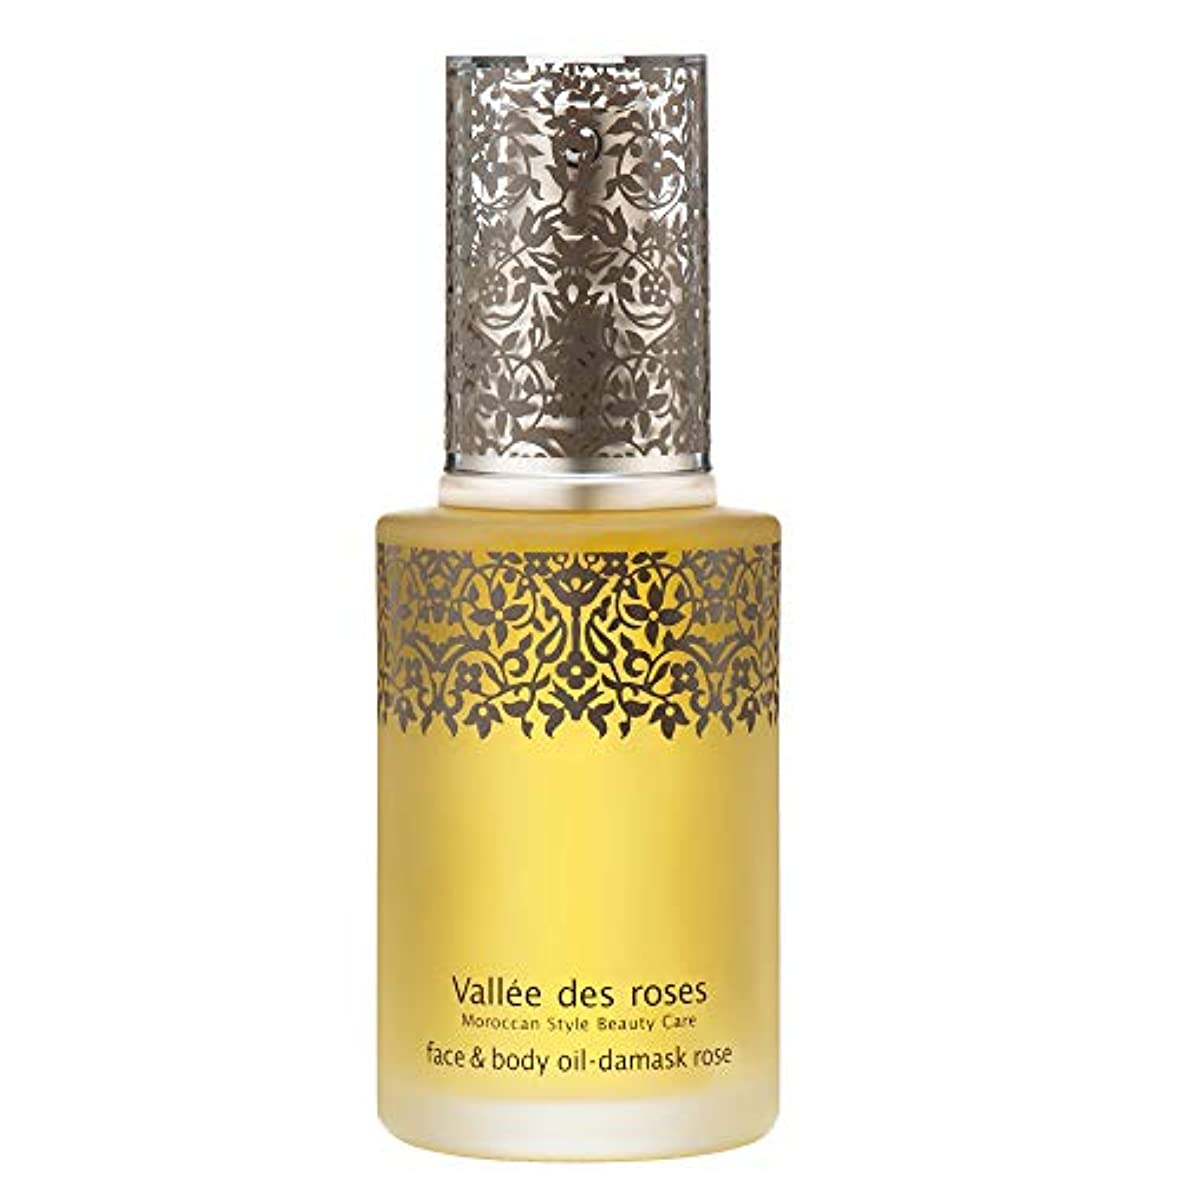 ファイバ長さ粘土ヴァレ ド ローズ(Vallée des roses) ヴァレ ド ローズ フェイス&ボディオイル 美容液 ローズ、ゼラニウム 60mL